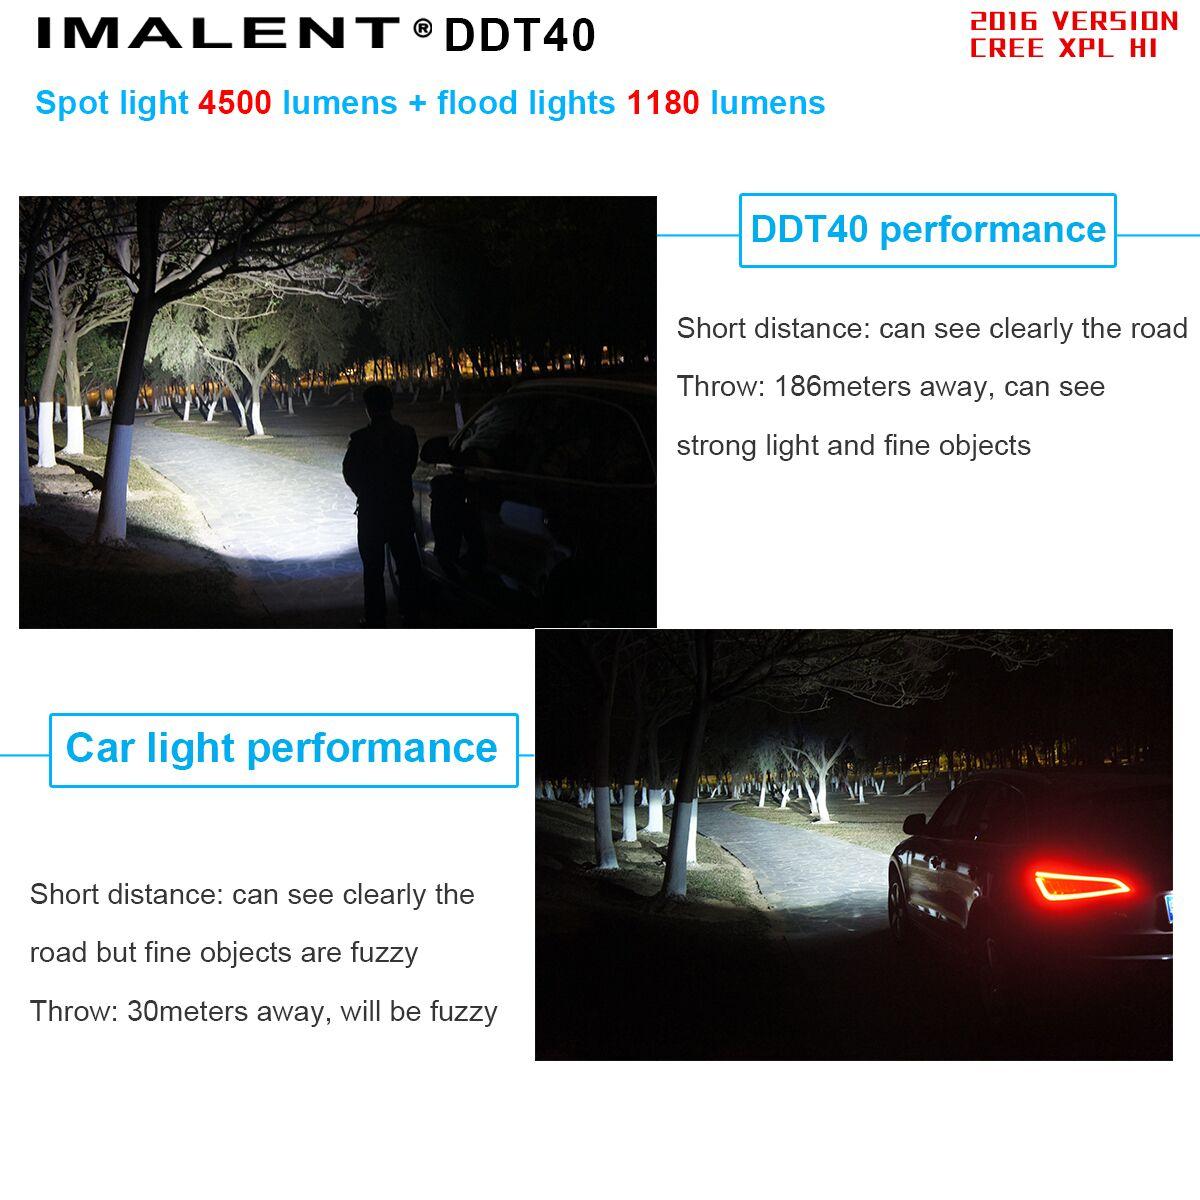 linterna DDT40 Imalent con luces de suelo y lectura